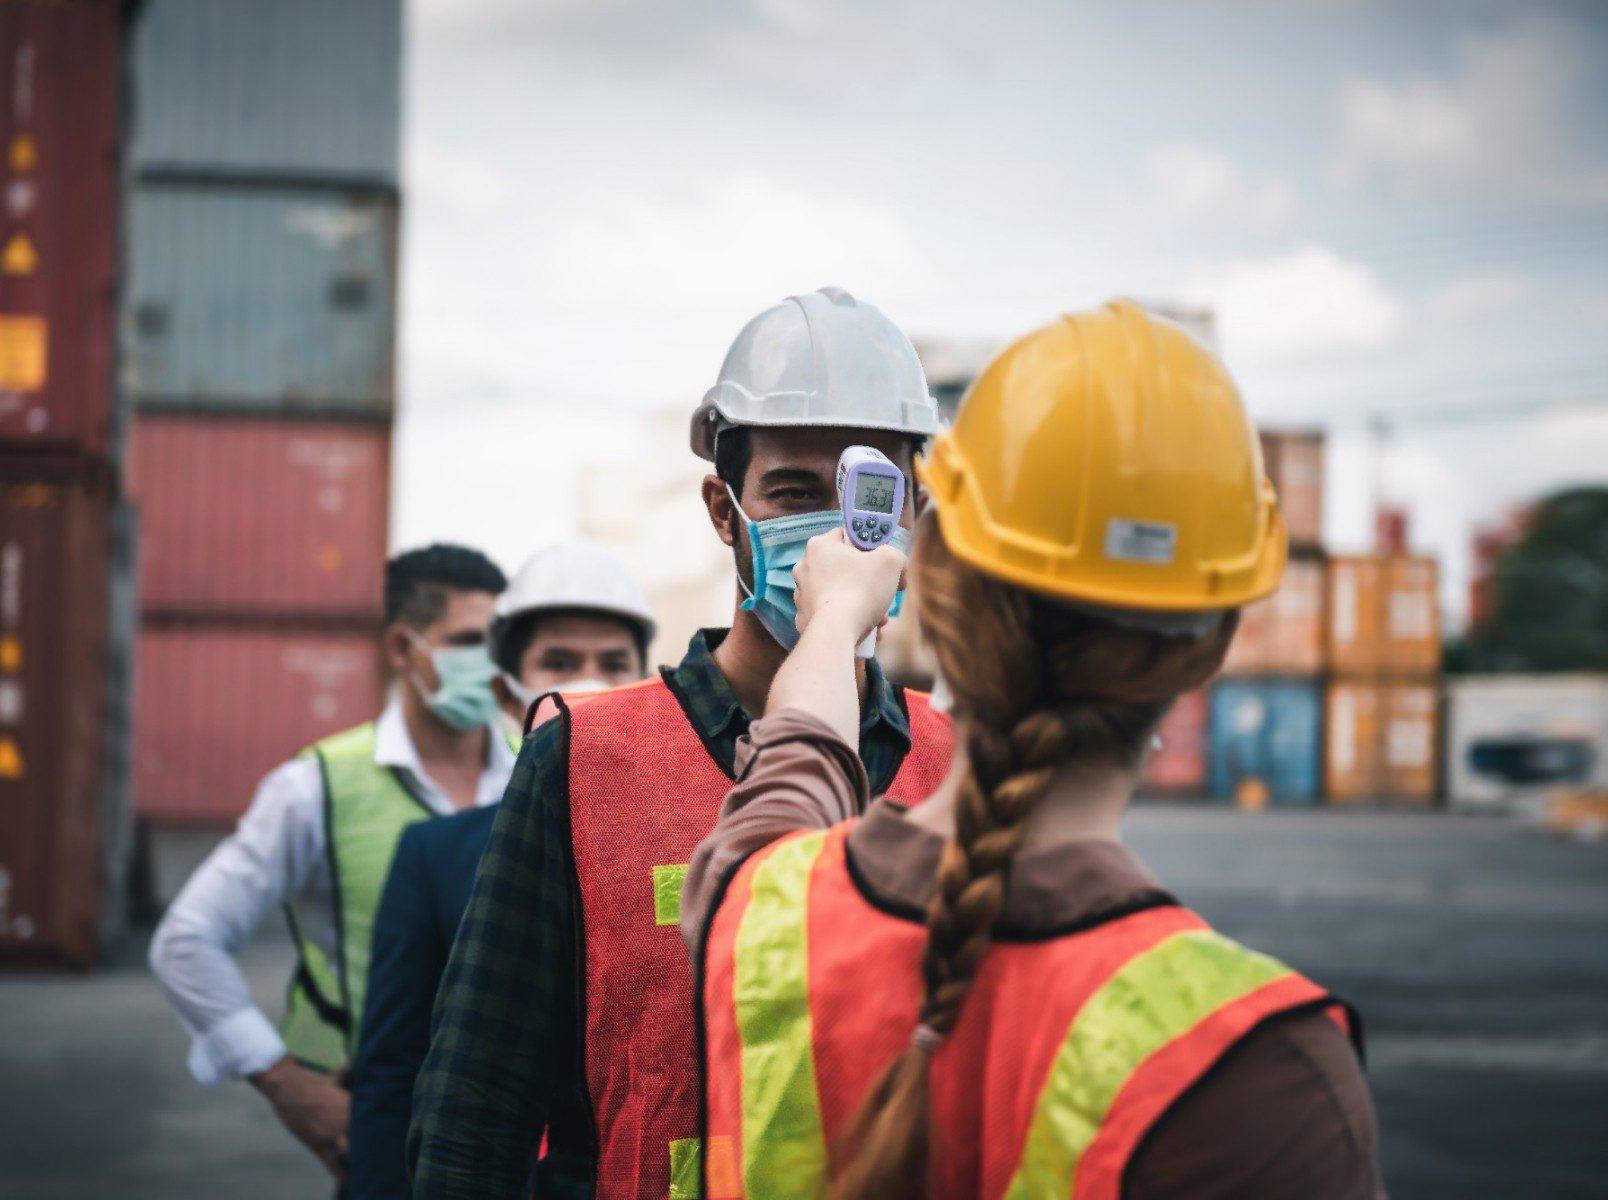 Copertina dell'articolo: Salute e sicurezza nei luoghi di lavoro, nuovo confronto con il Governo